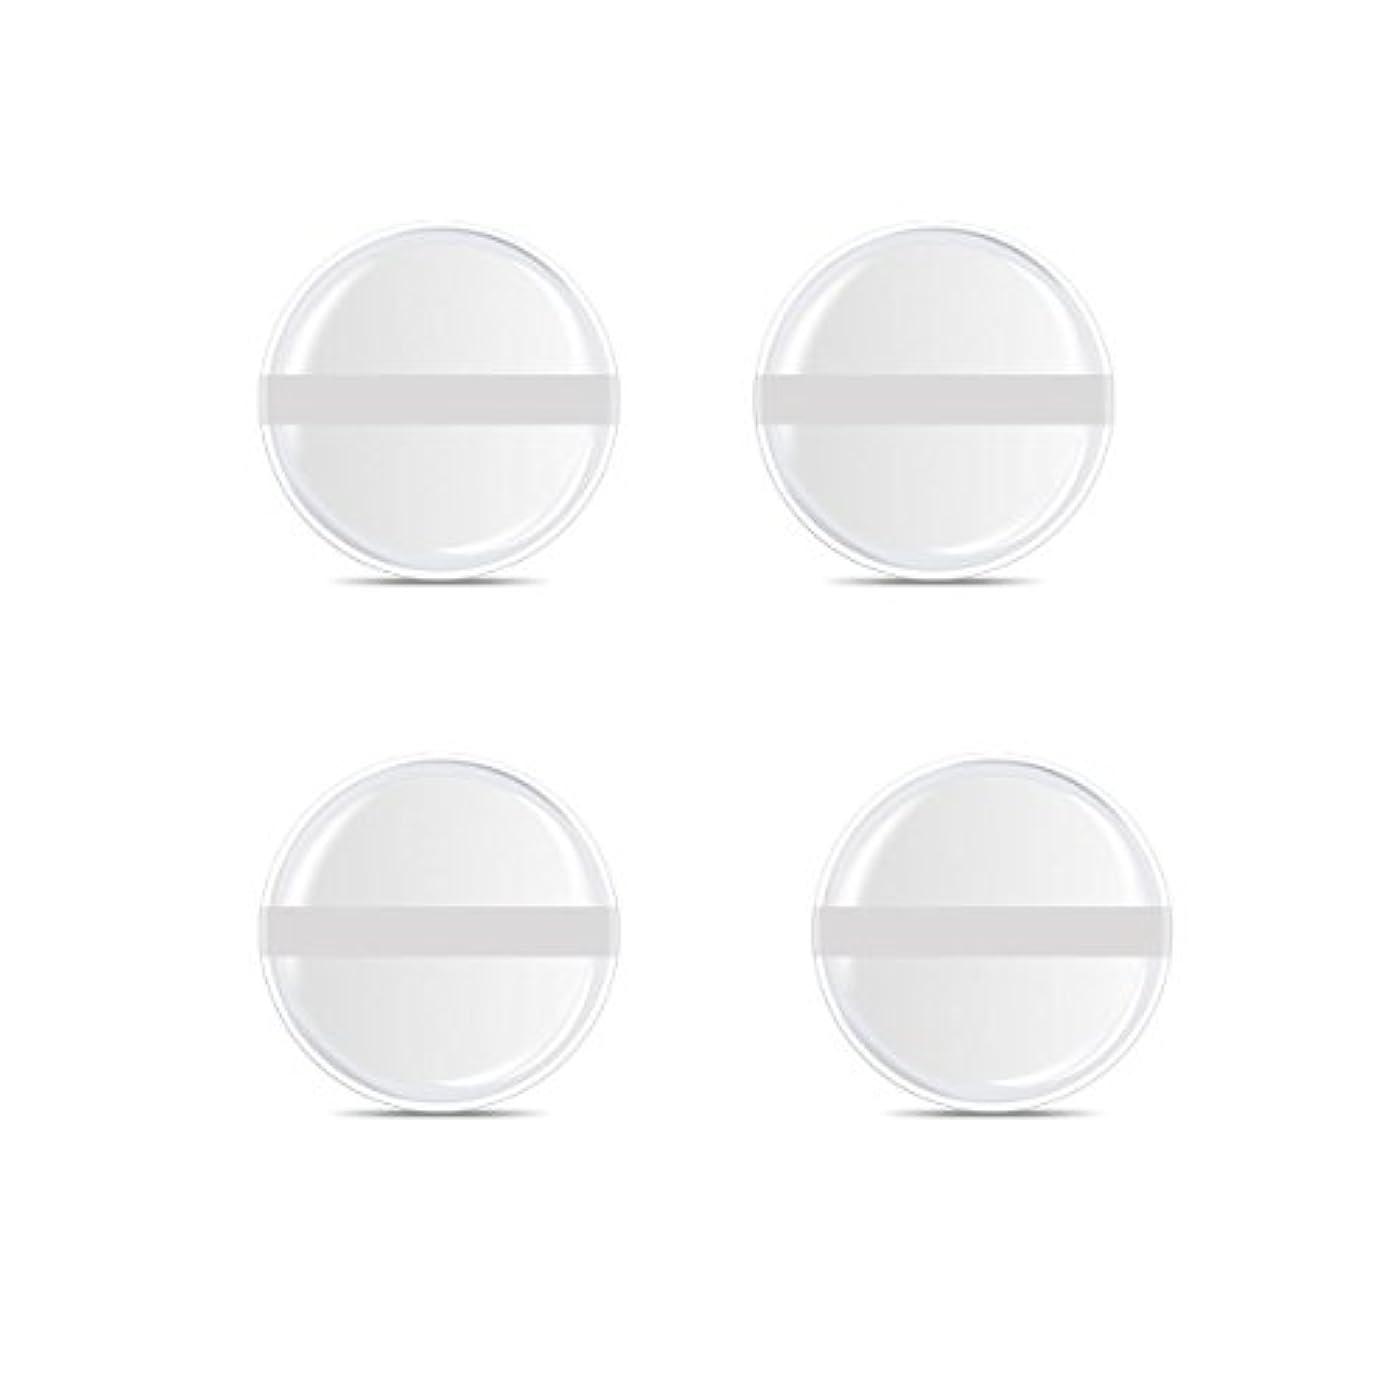 平らにする大宇宙計り知れないシリコンパフ 帯付き メイクスポンジ ゲルパフ ゼリーパフ 清潔しやすい衛生 柔らかく 透明な 4枚入 (円形 4入り)